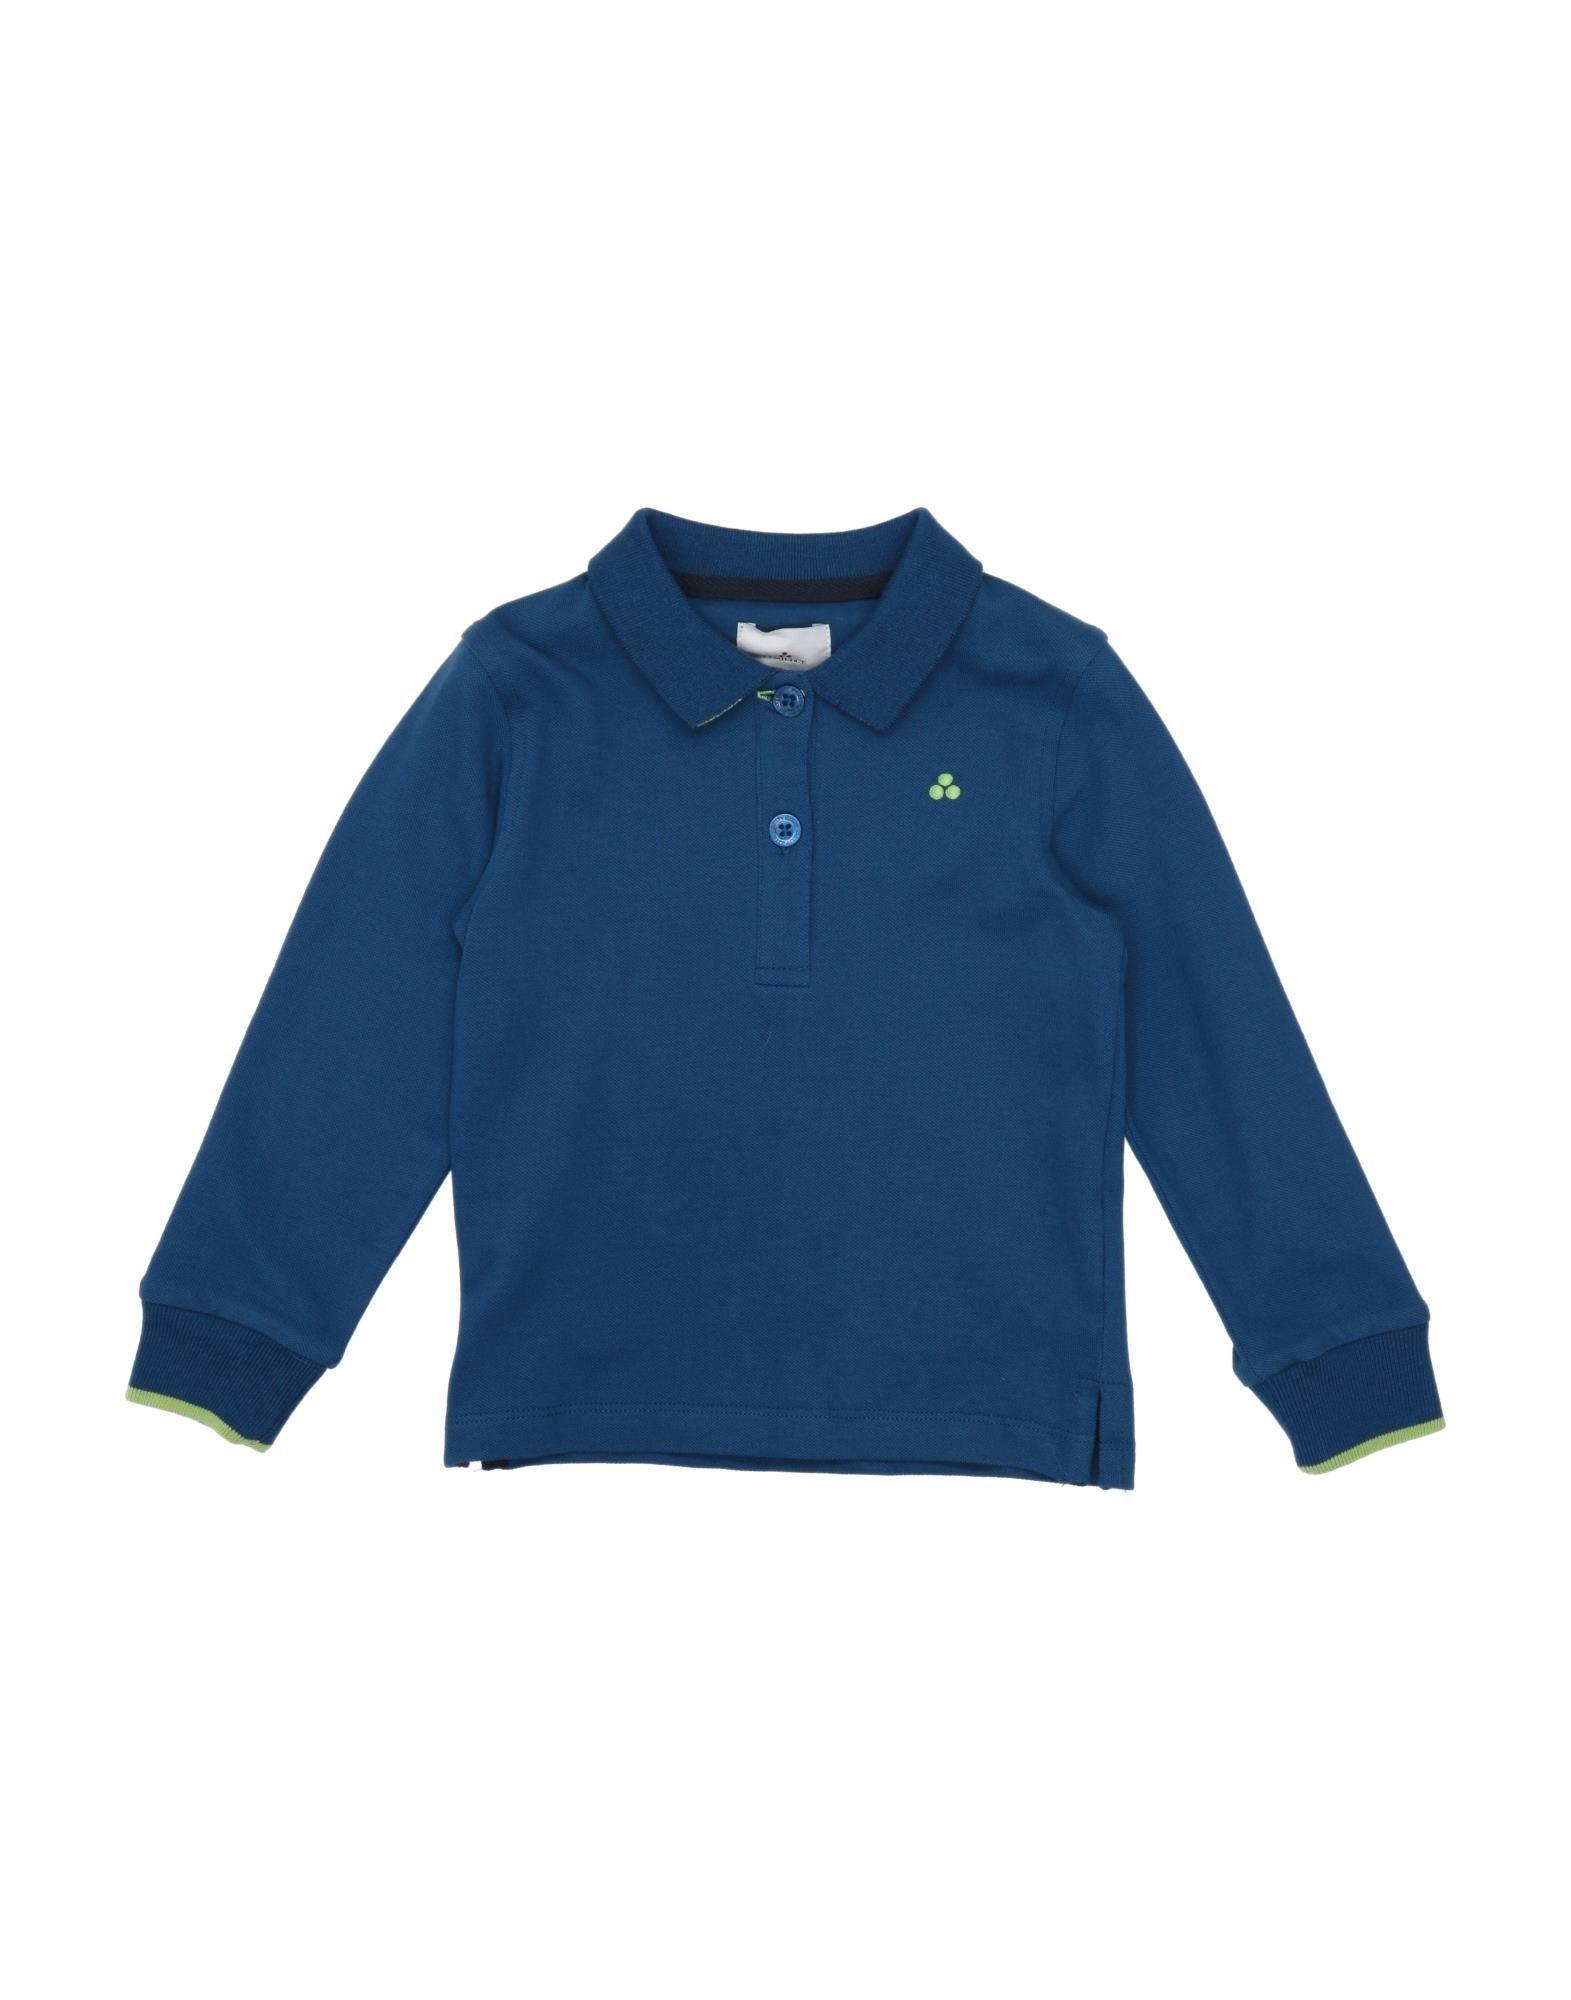 《セール開催中》PEUTEREY ガールズ 0-24 ヶ月 ポロシャツ ブルー 9 コットン 95% / ポリウレタン 5%